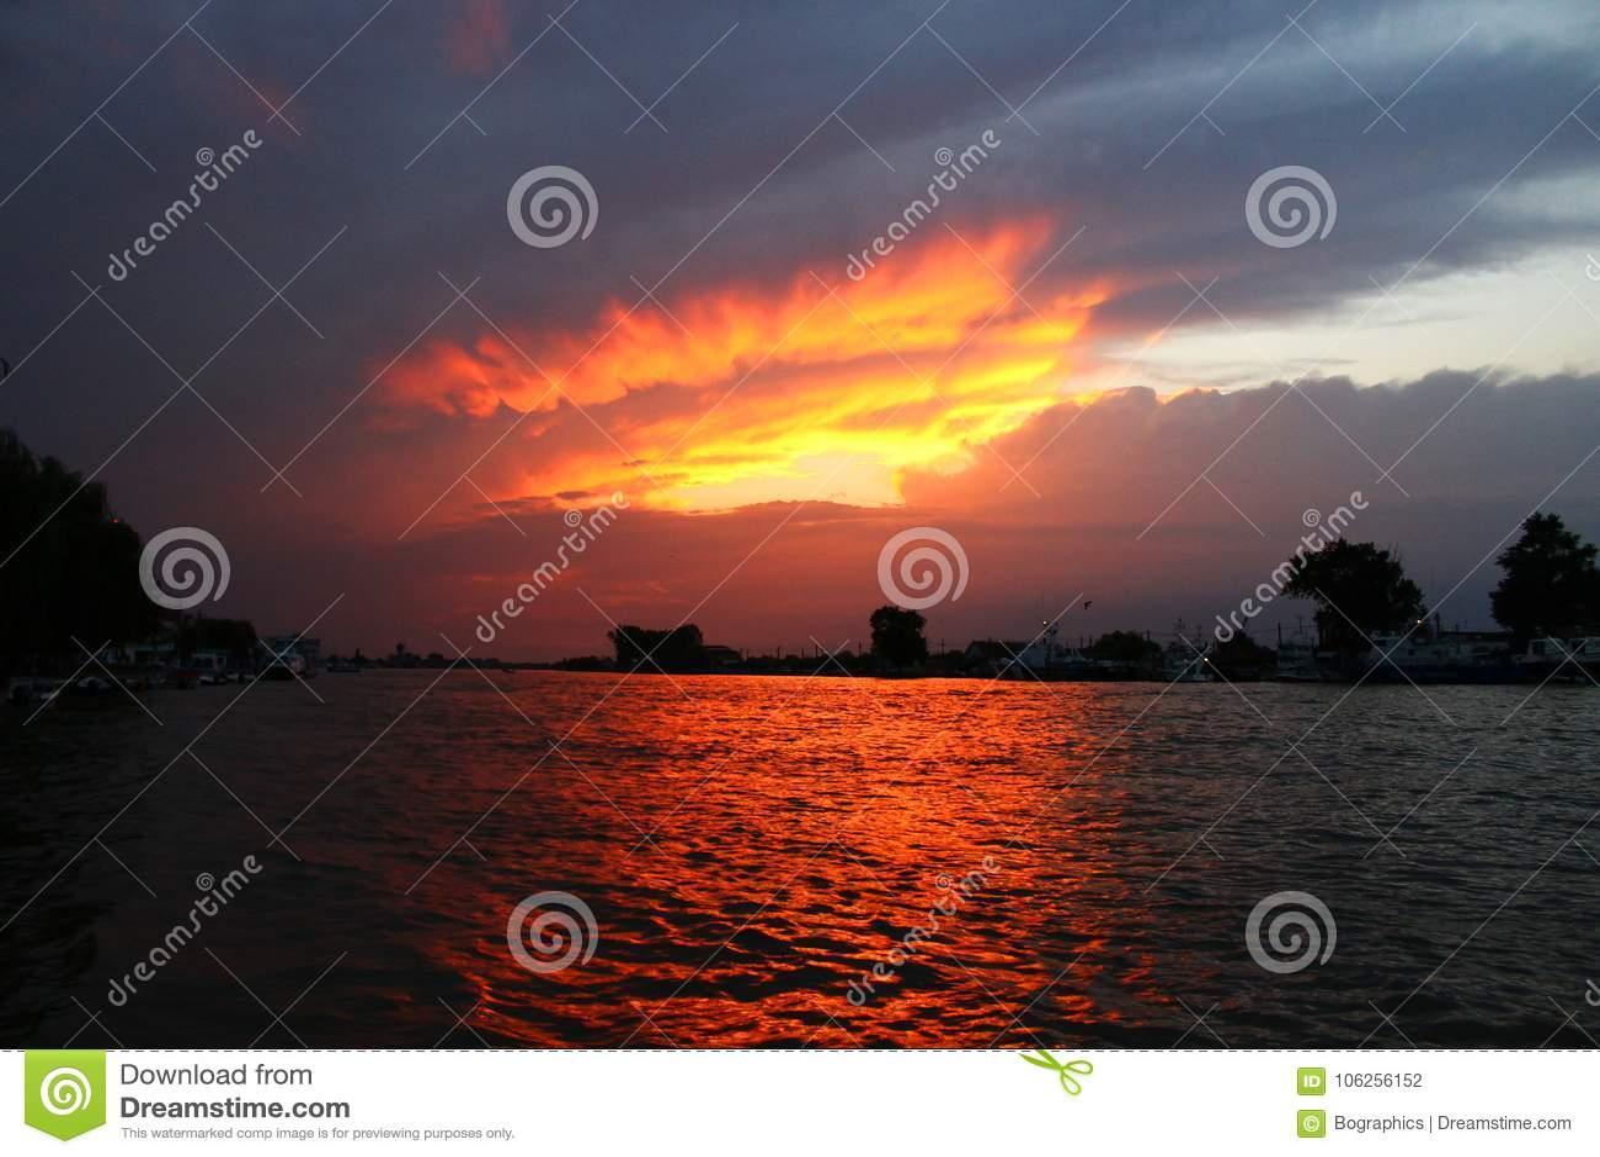 在云彩之间的惊人的橙色日落在水